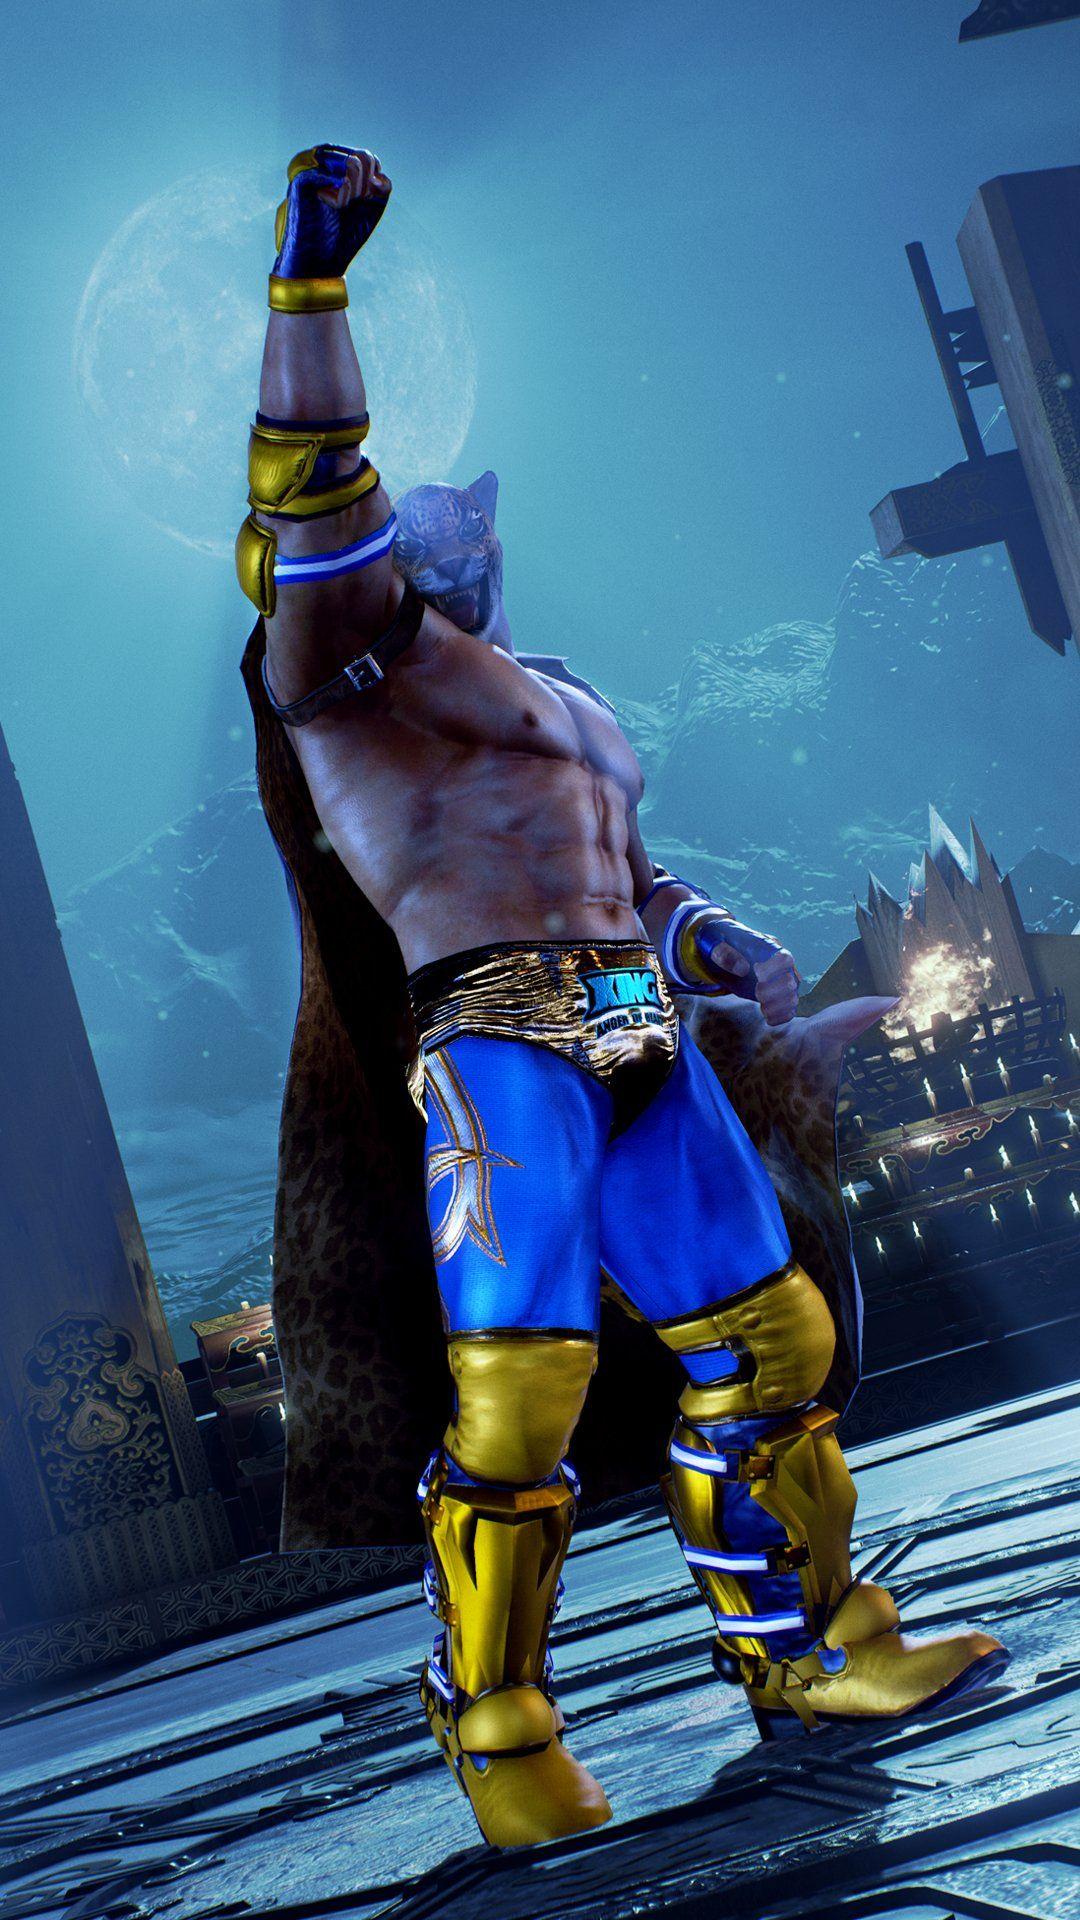 King Tekken 7 Customization 1080x1920 Wallpaper Teahub Io